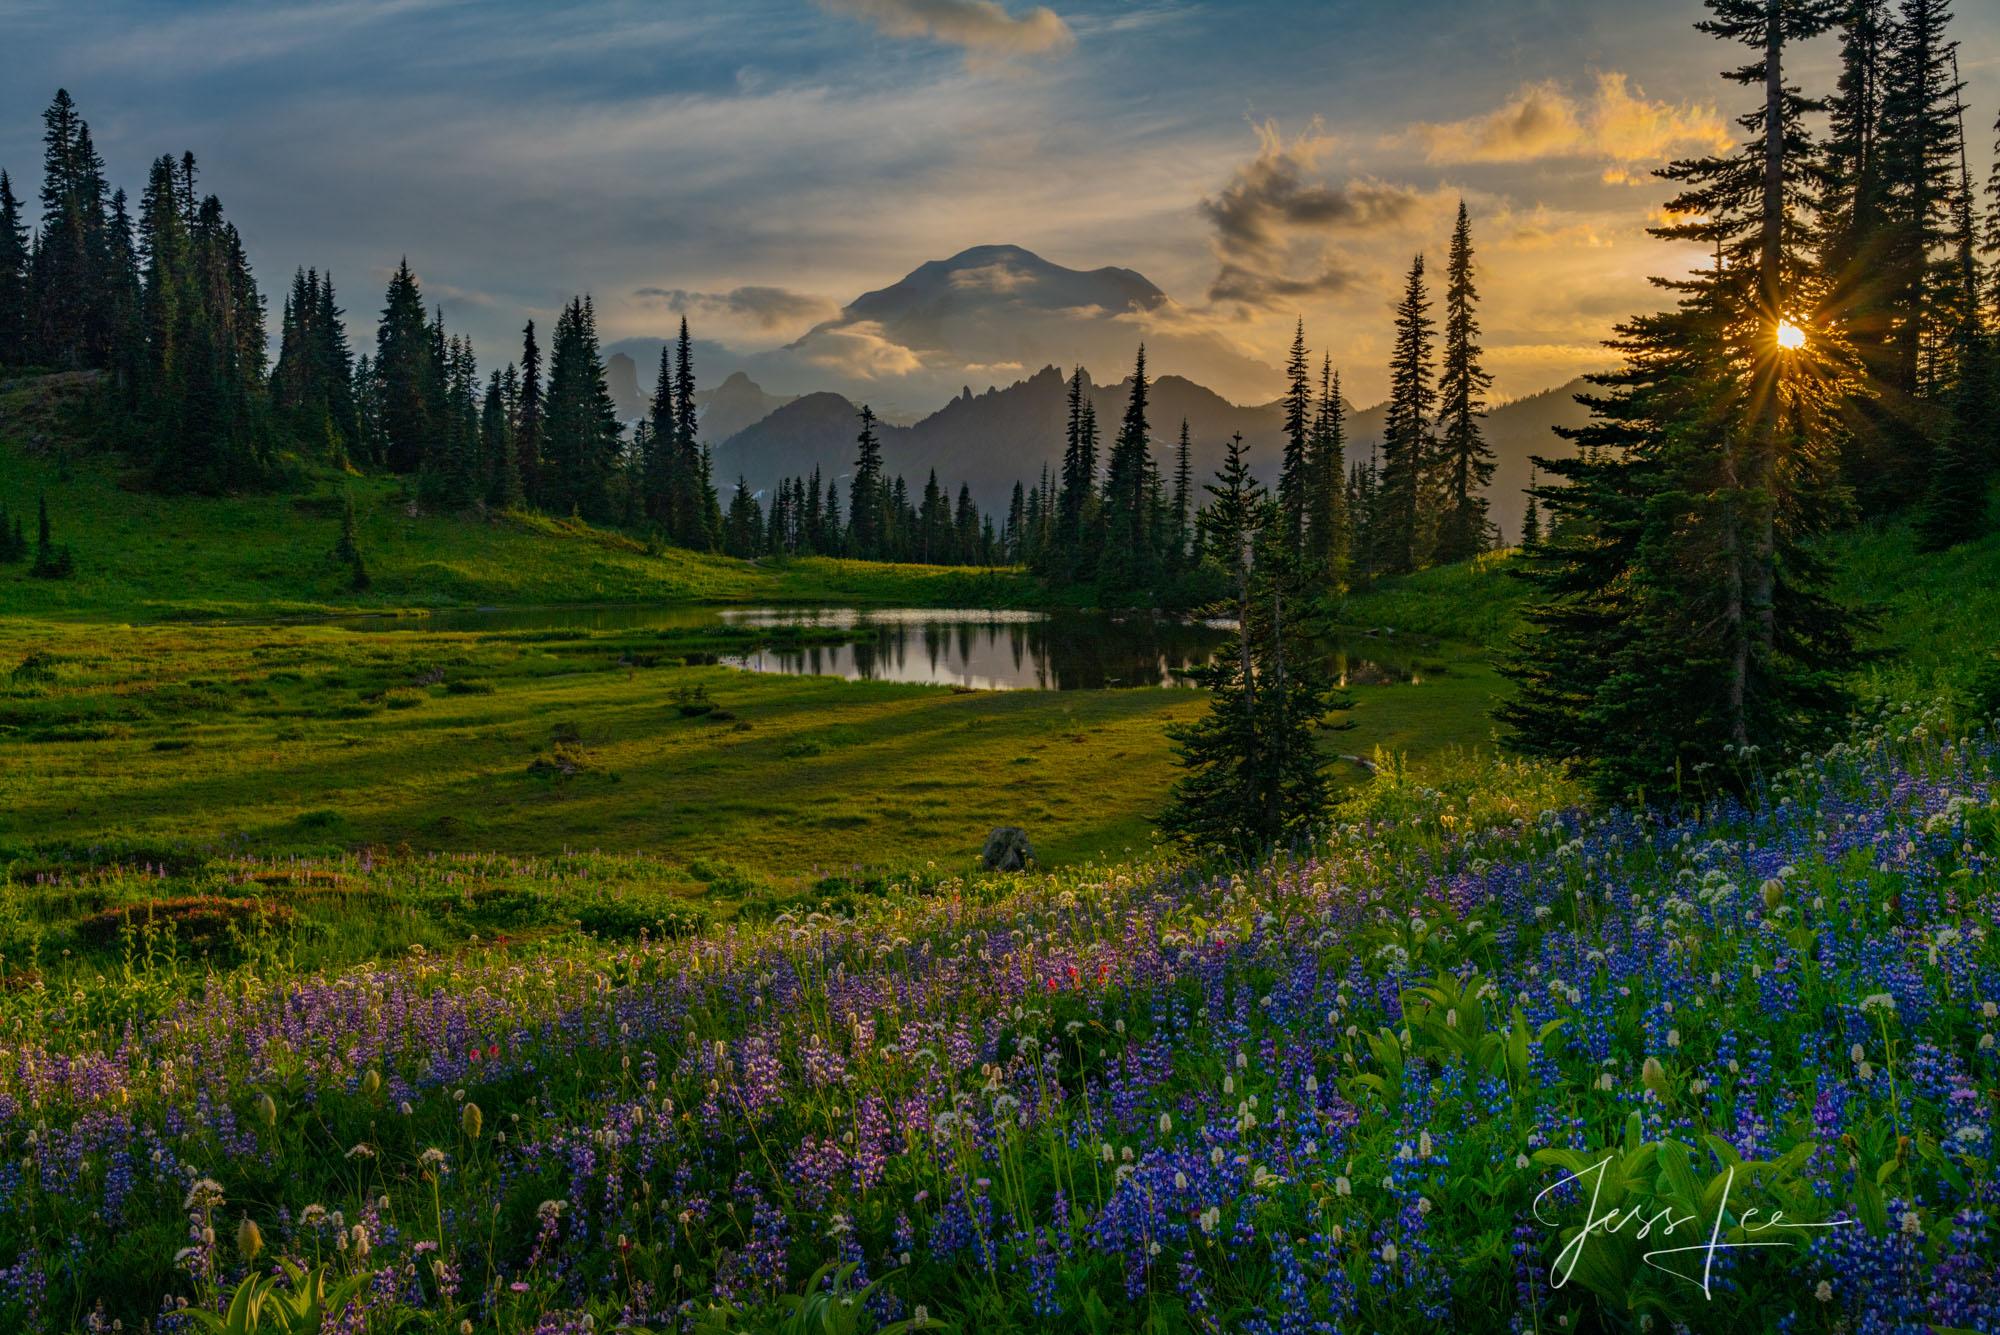 photo of Tipsoo Lake in Washington, National Park, alpine lake photo, sunset photography, lake print, sundown, Washington, National Park, PNW, Pacific Northwest, landscape, photo